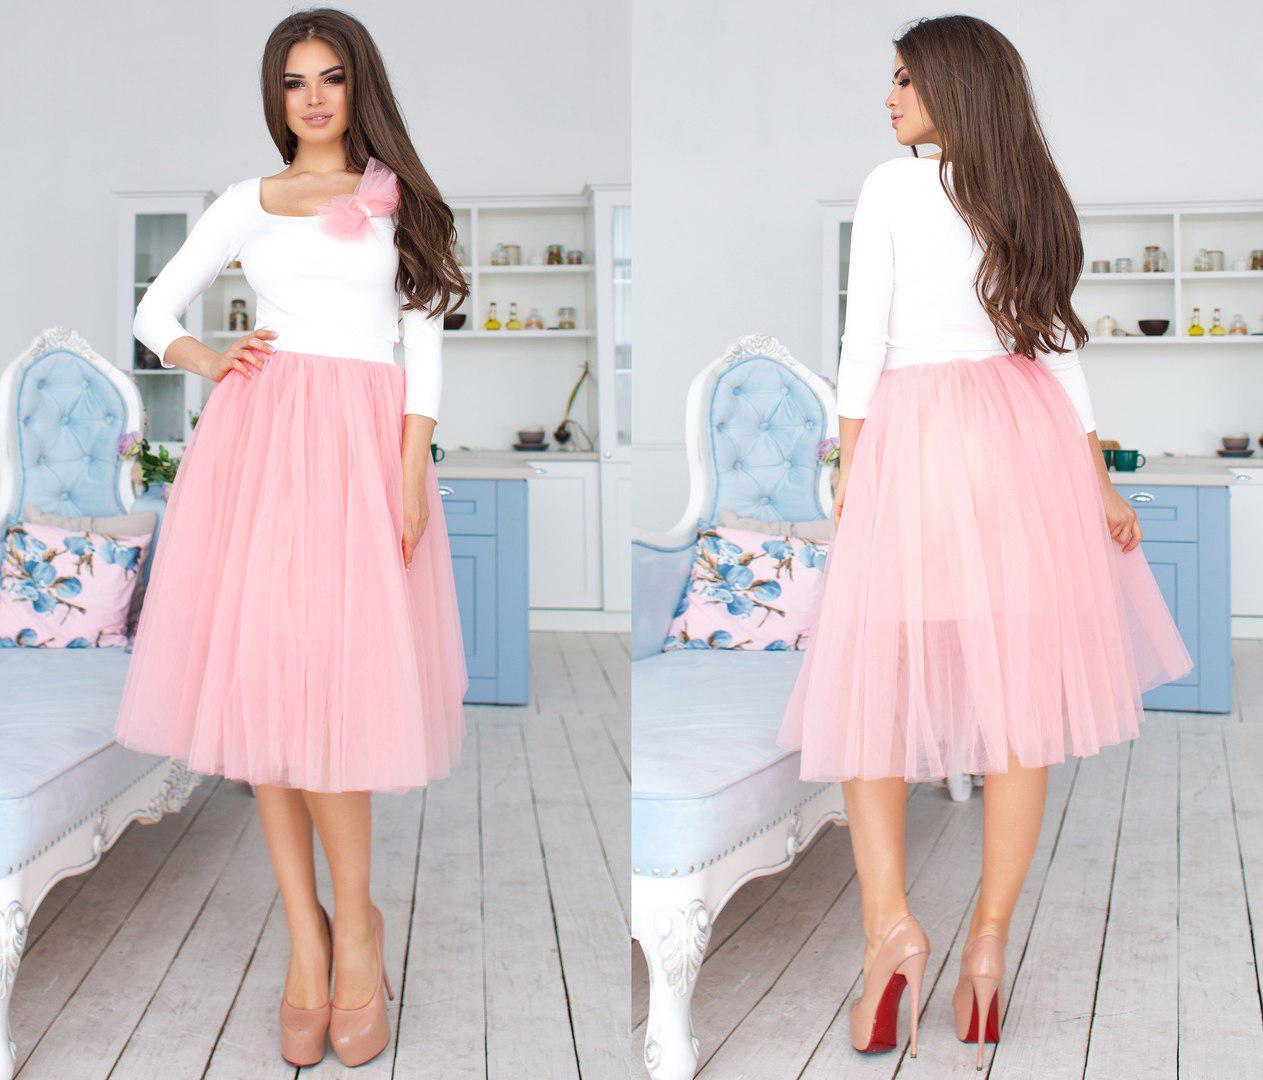 """Нарядный женский костюм-двойка """"Princess"""" с бантиком и пышной юбкой (4 цвета)"""